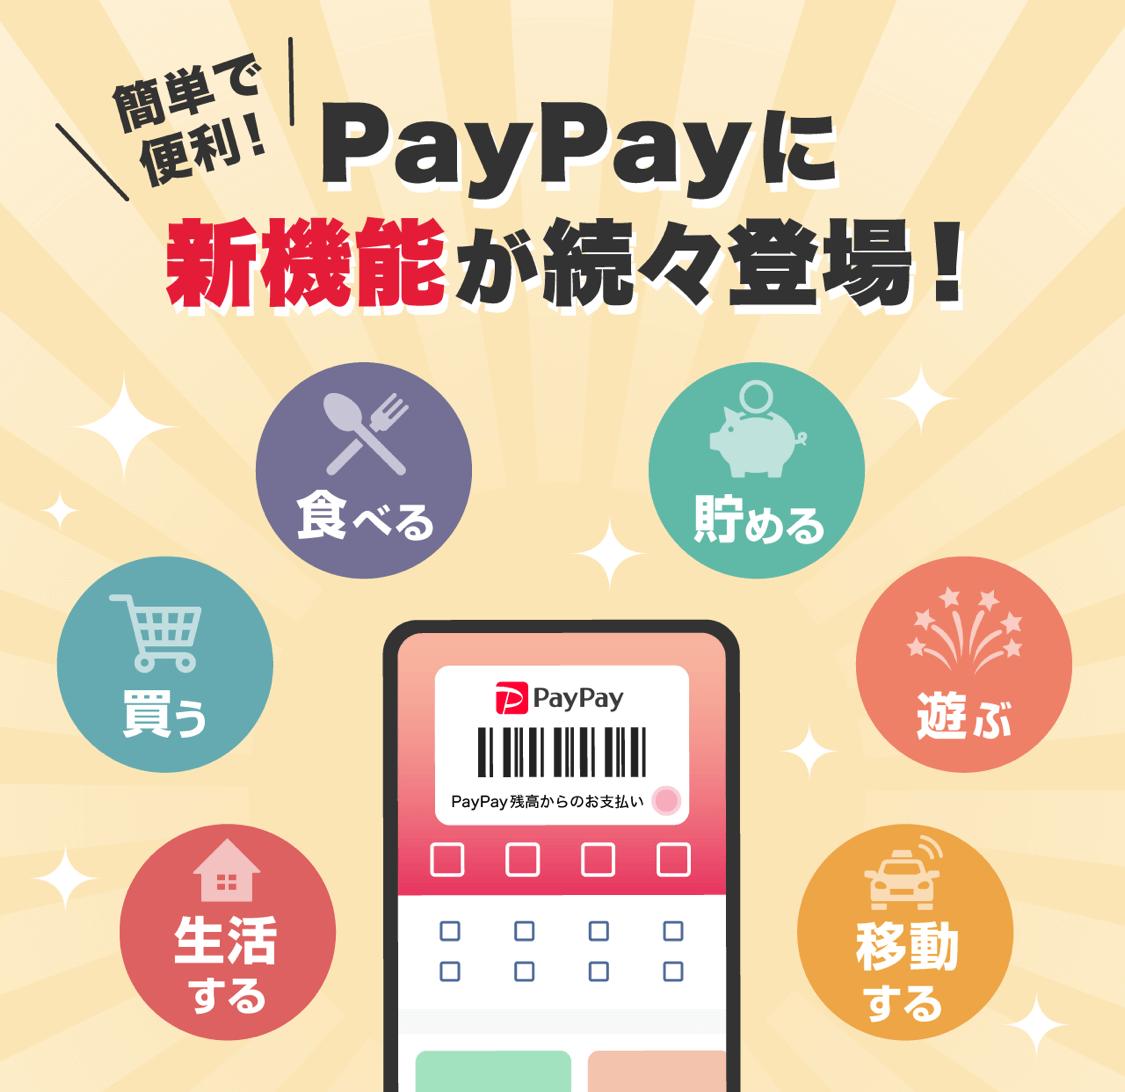 簡単で便利! PayPayに新機能が続々登場!